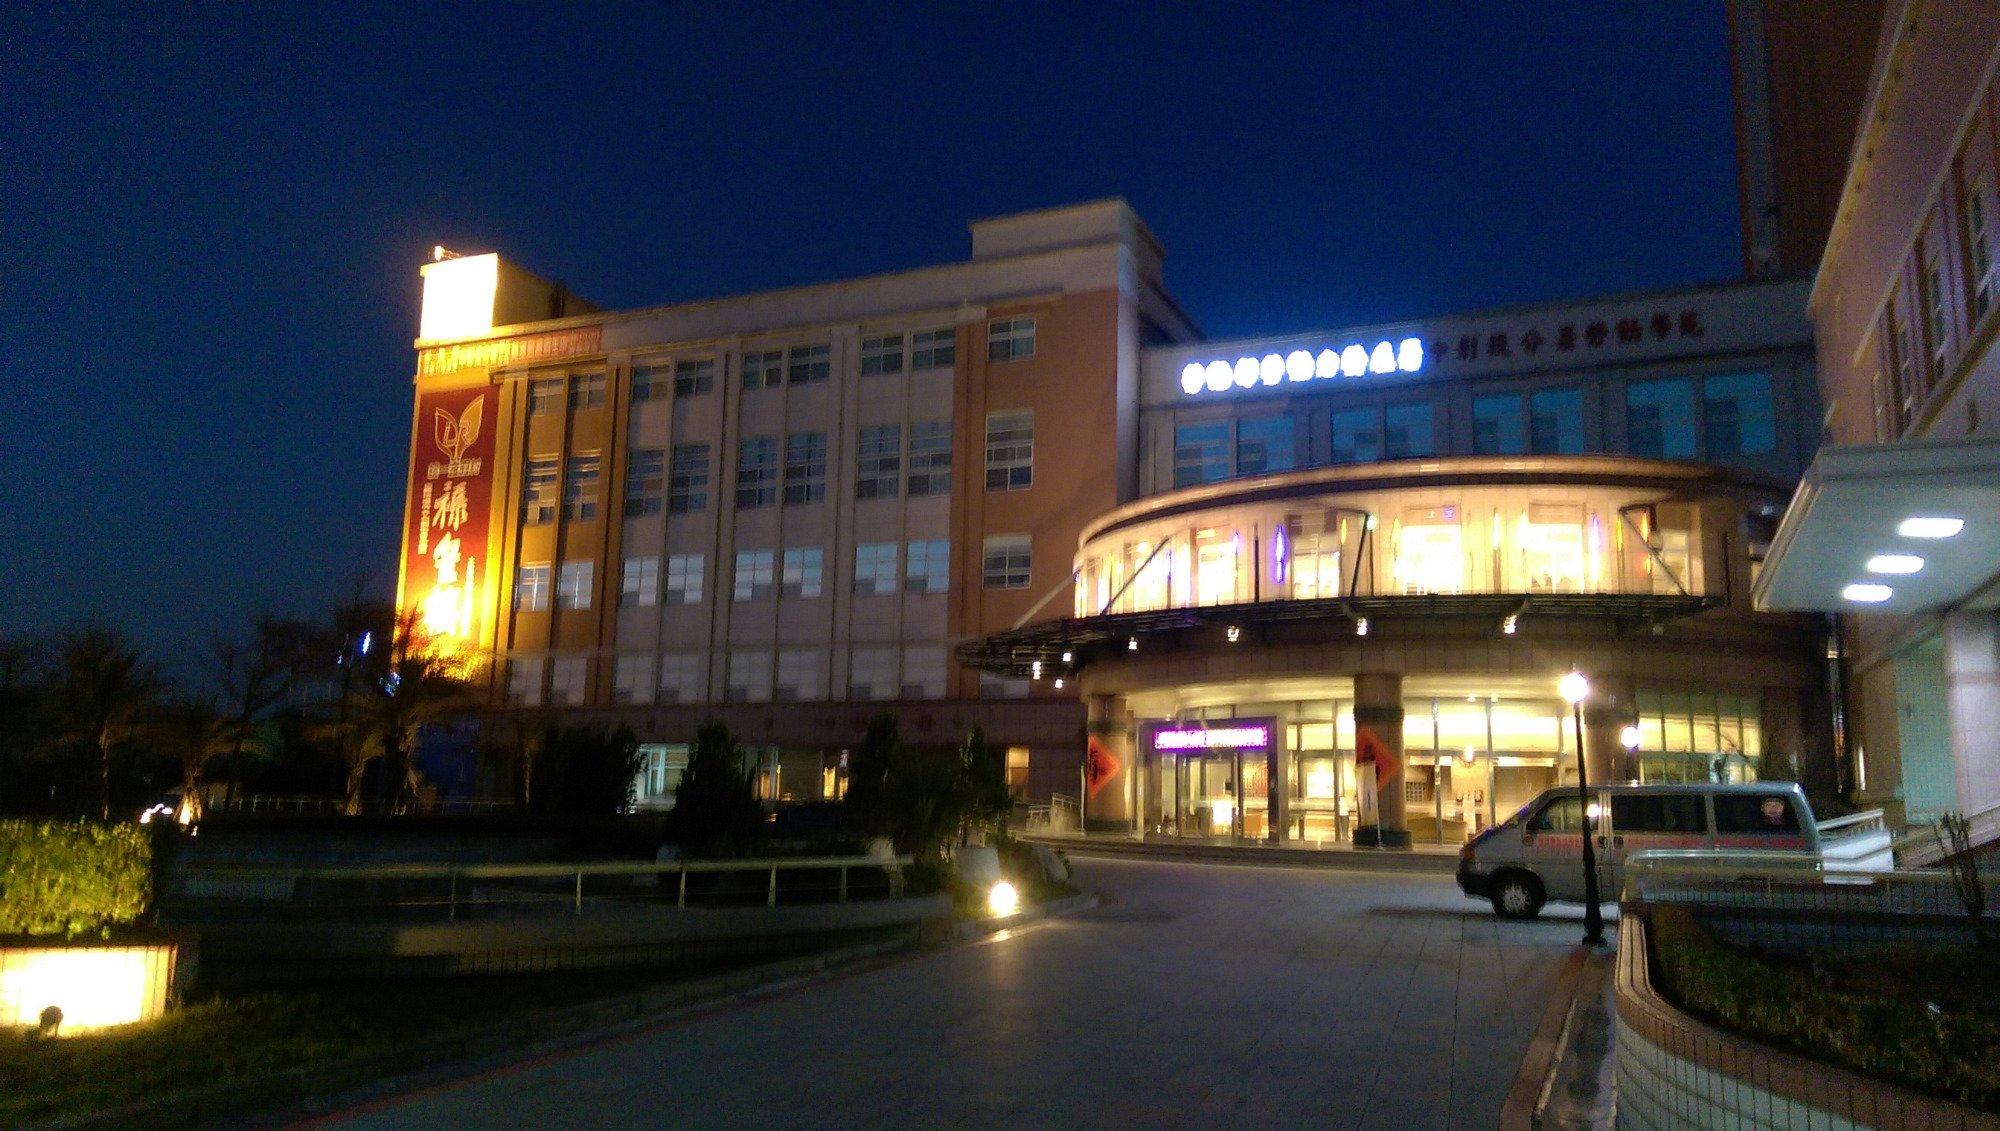 リーダーランドマークホテル(立徳鹿港会館)